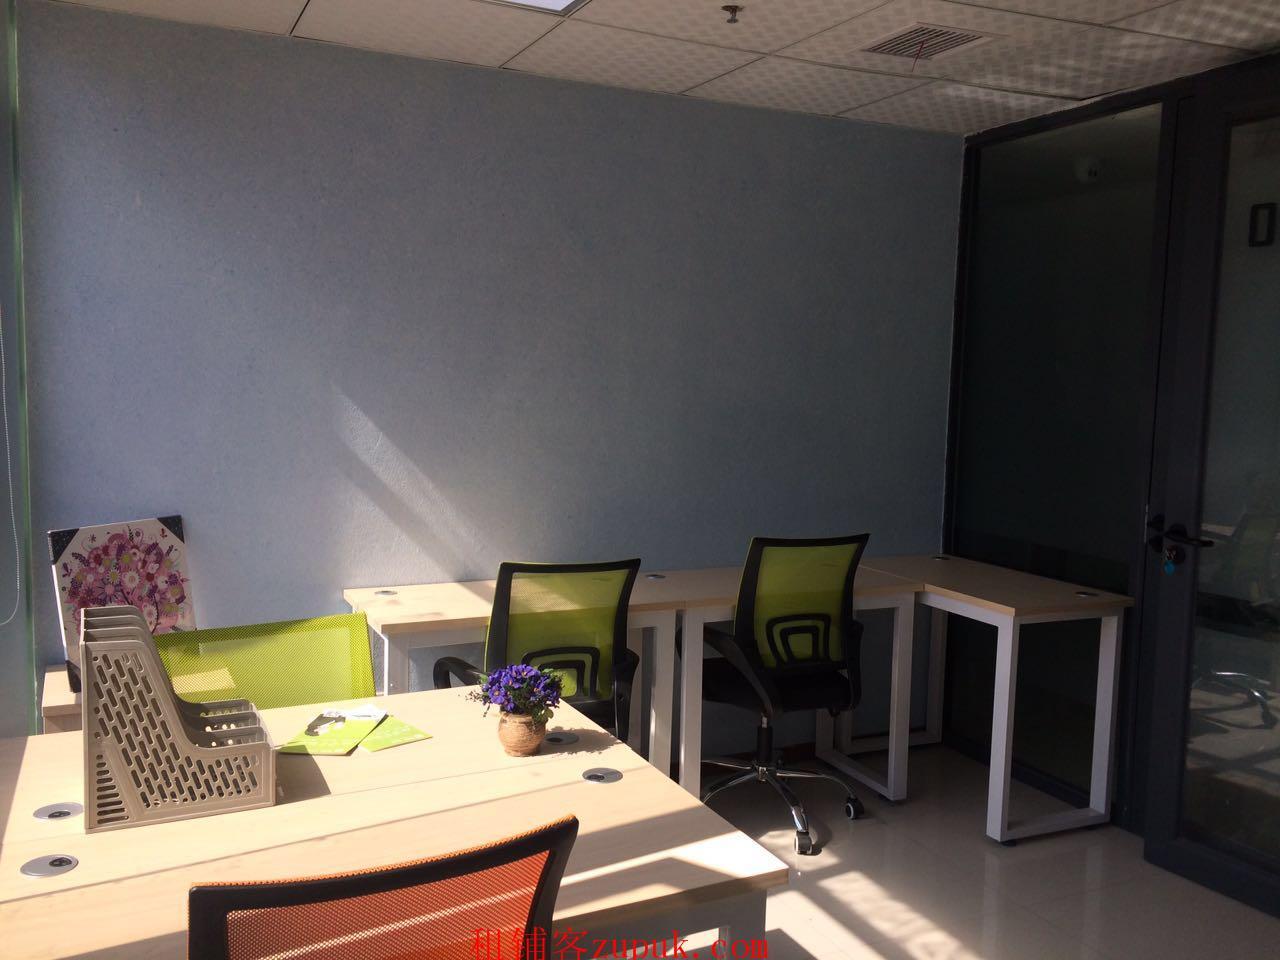 西湖区华鸿大厦小型办公室出租带上电脑即可上班